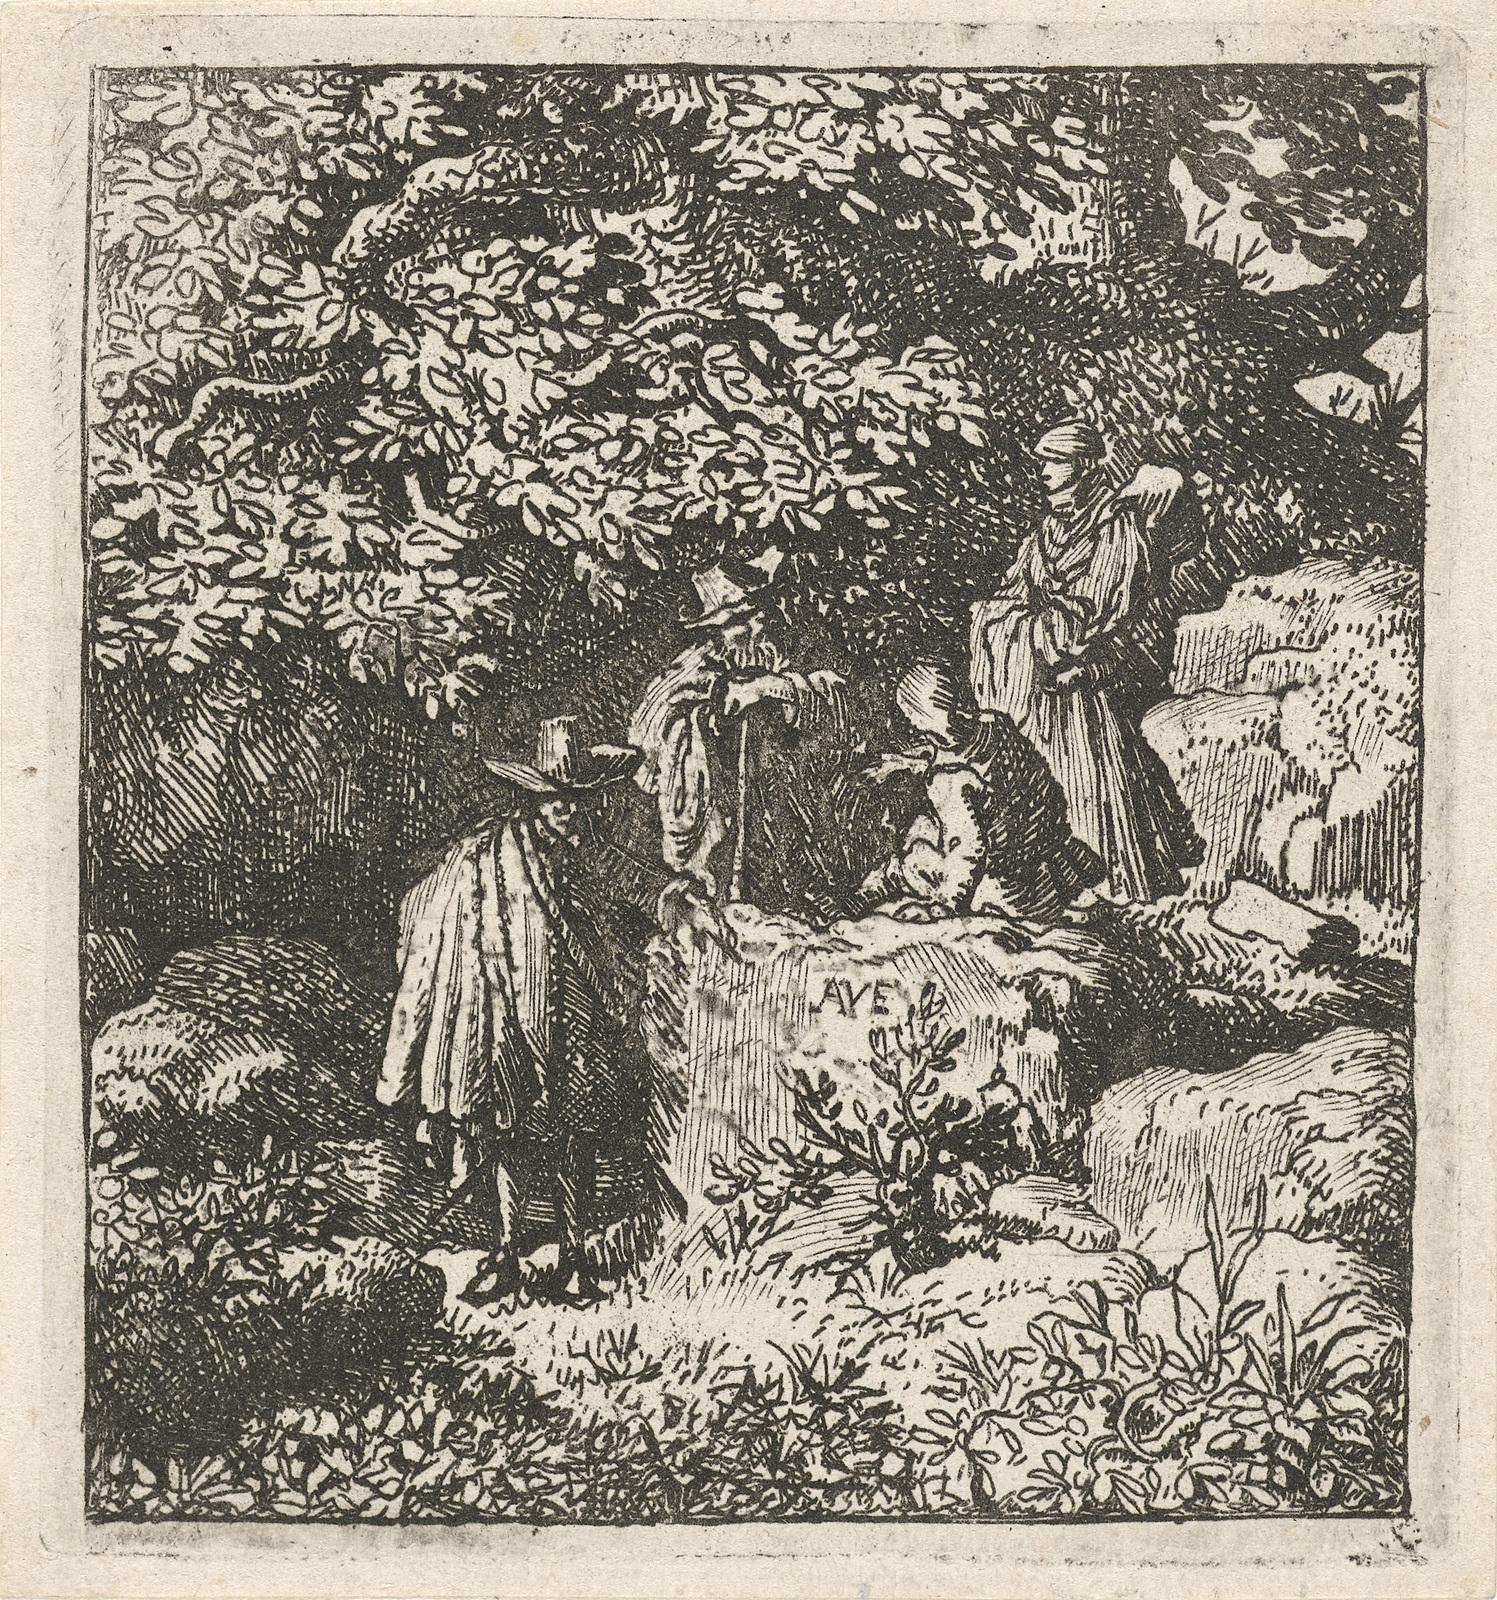 Vier figuren onder een boom